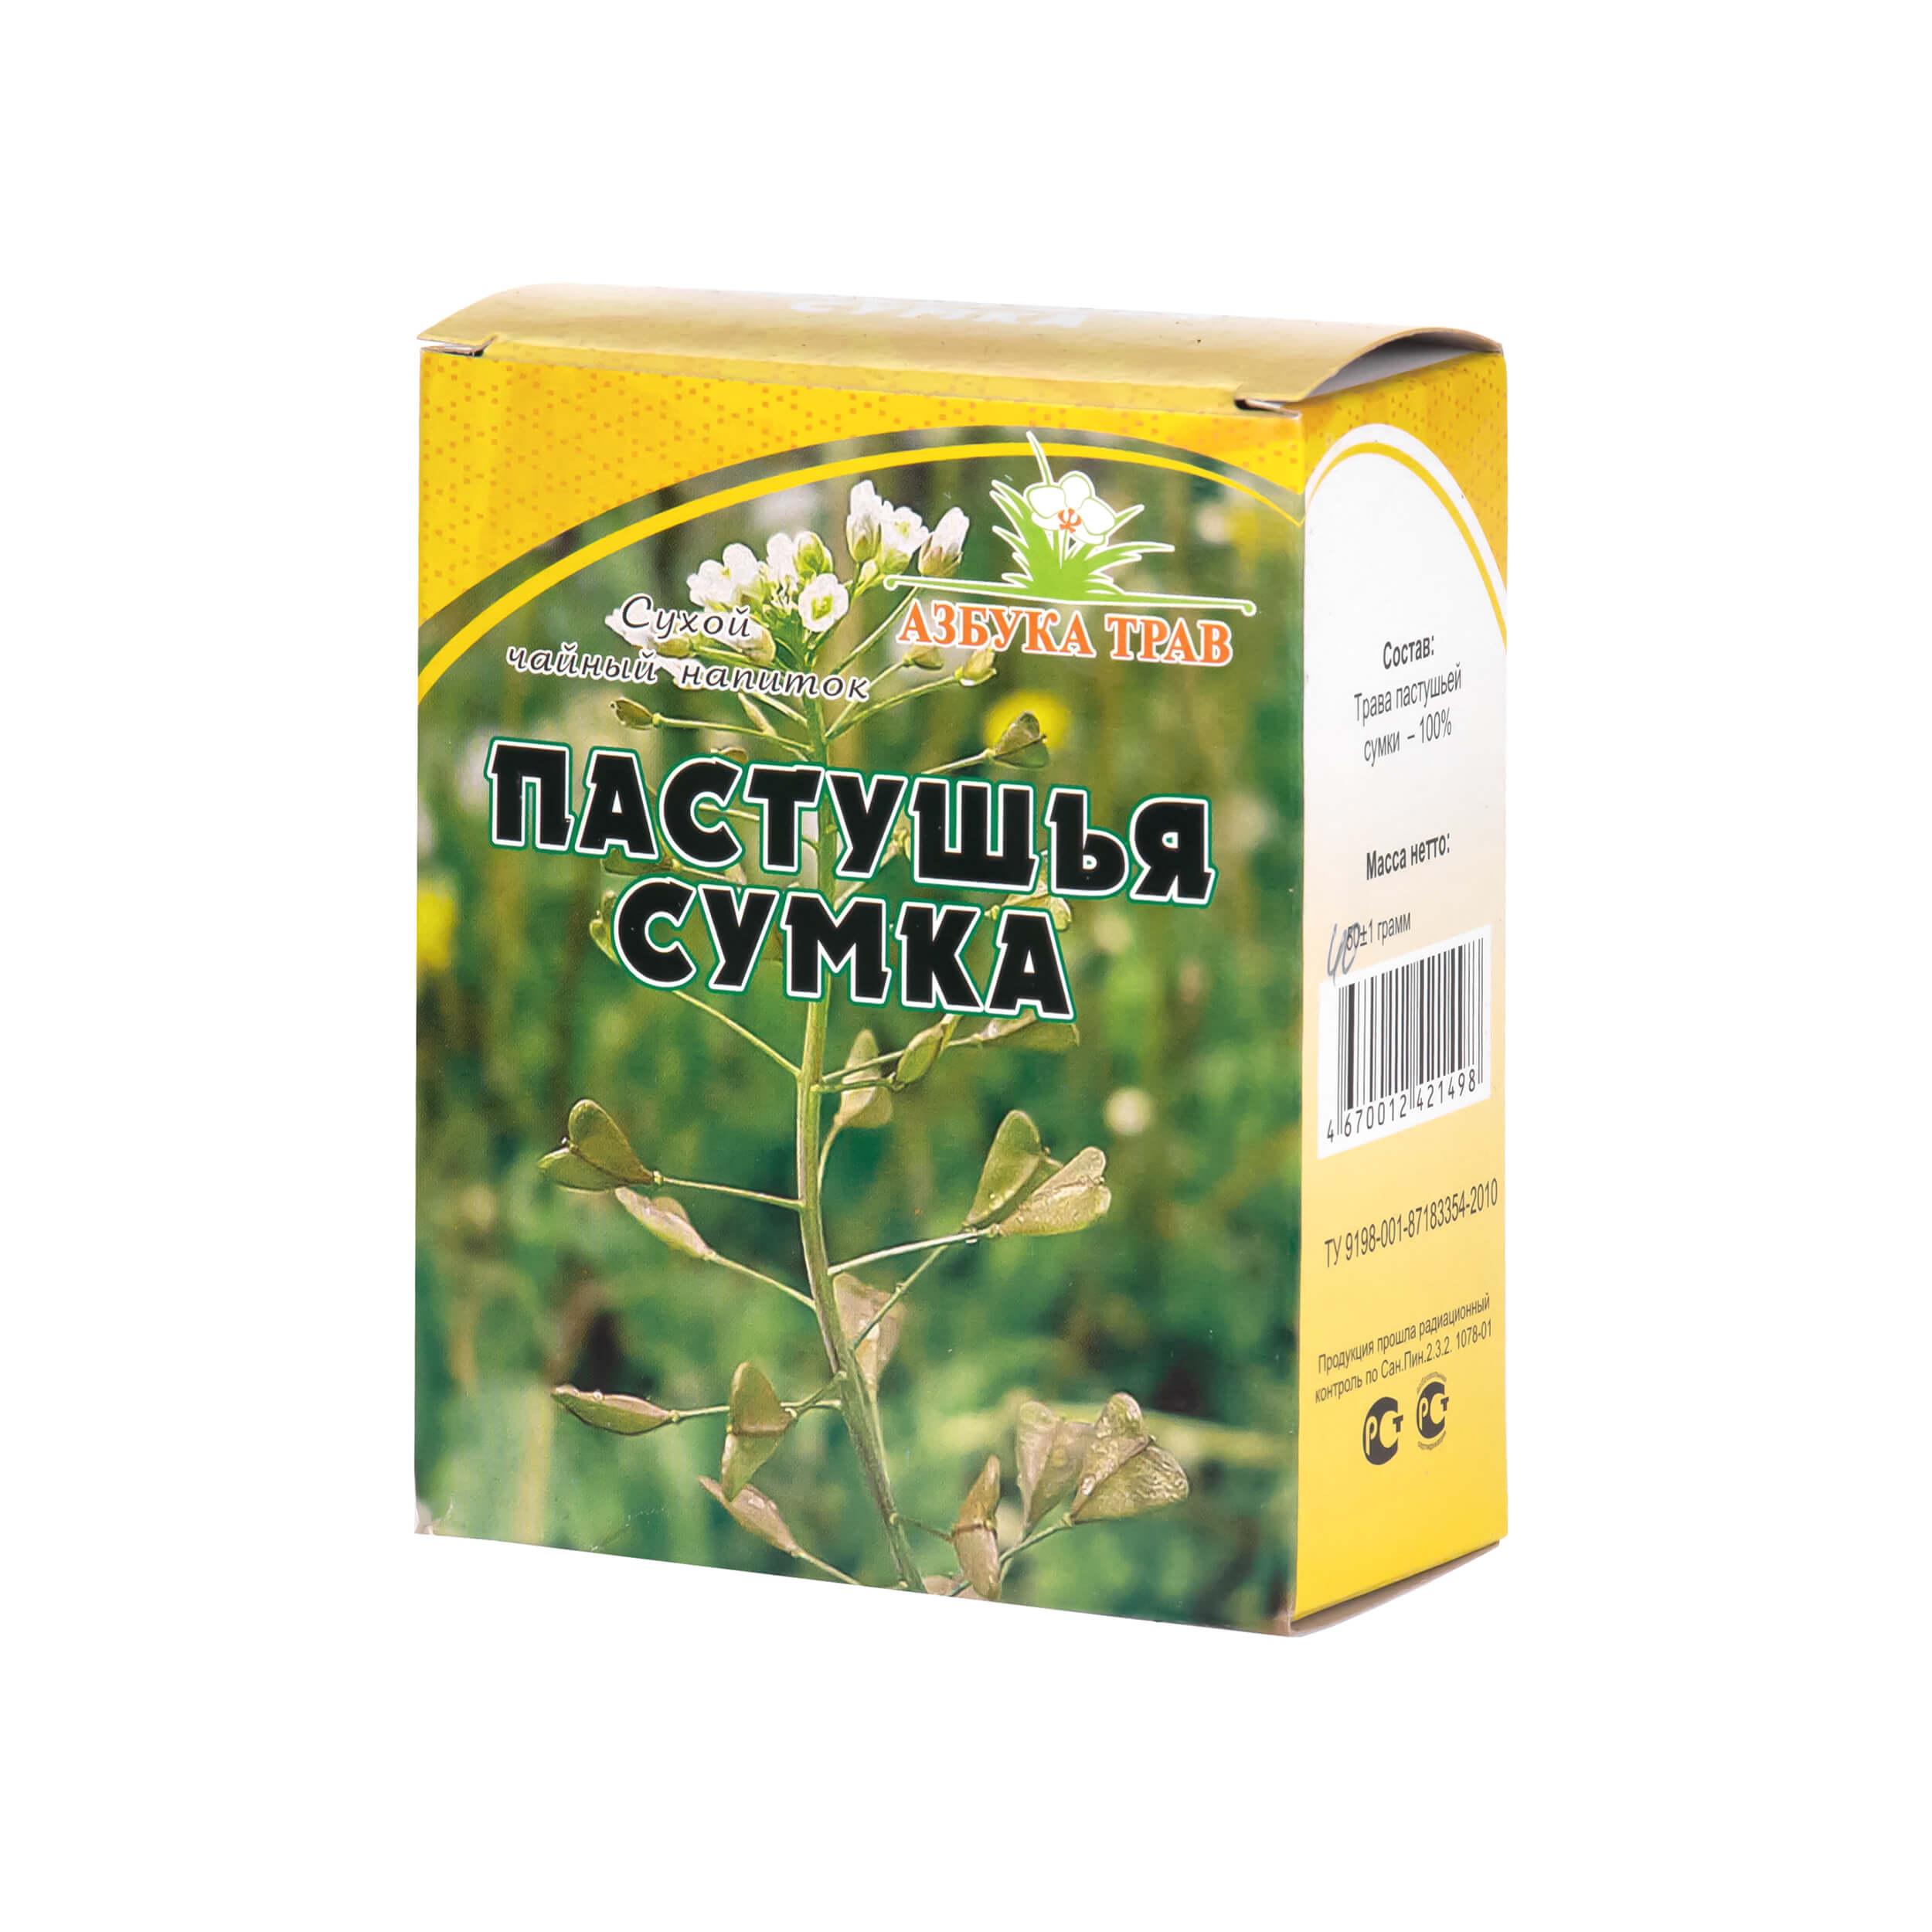 Пастушья сумка (трава, 40 грамм) фото